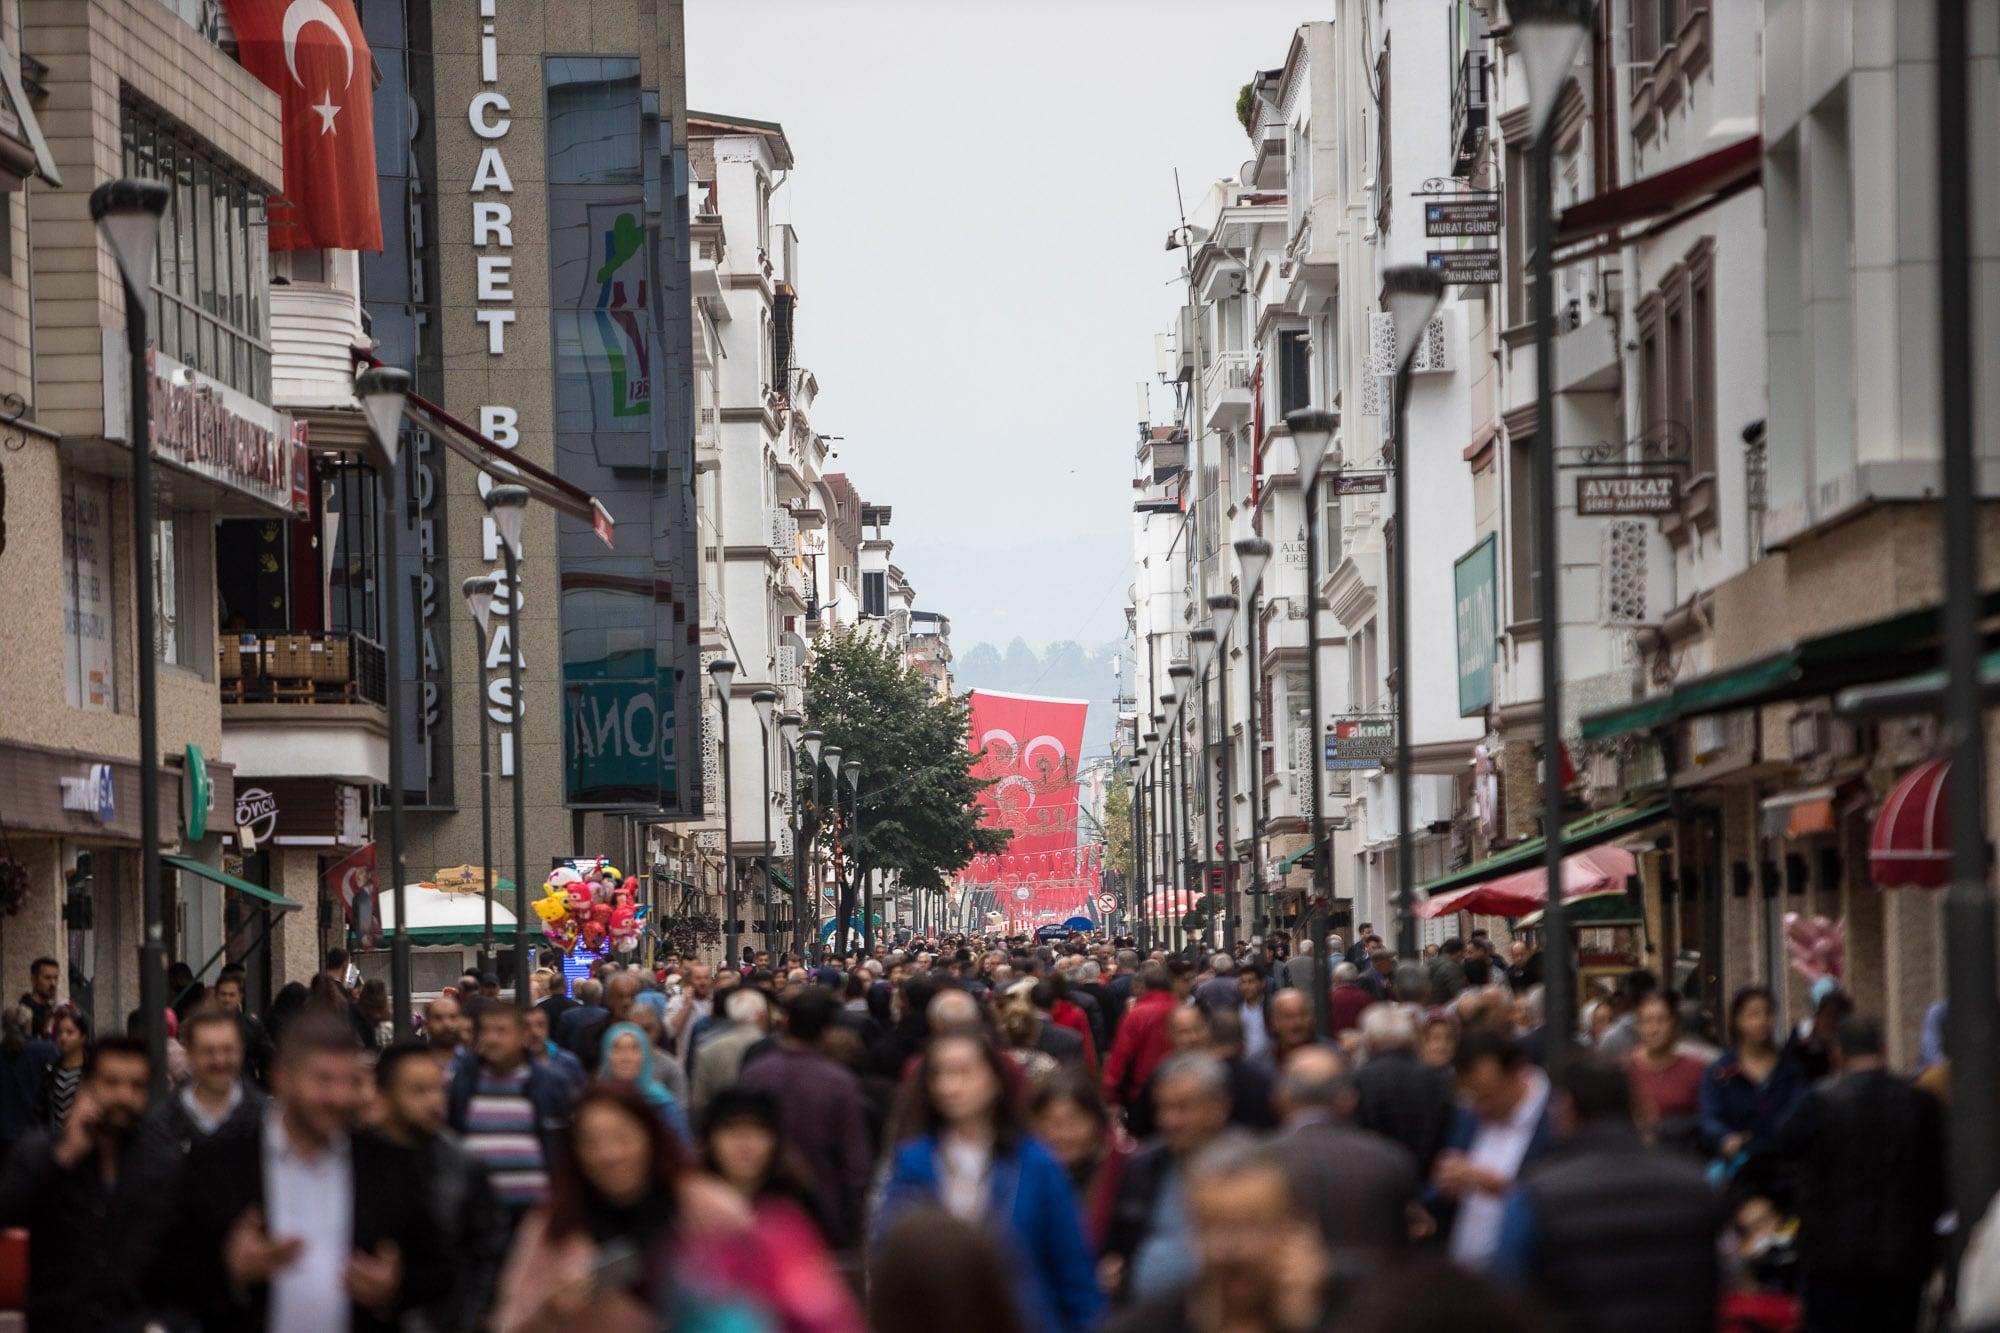 Ordu shopping street